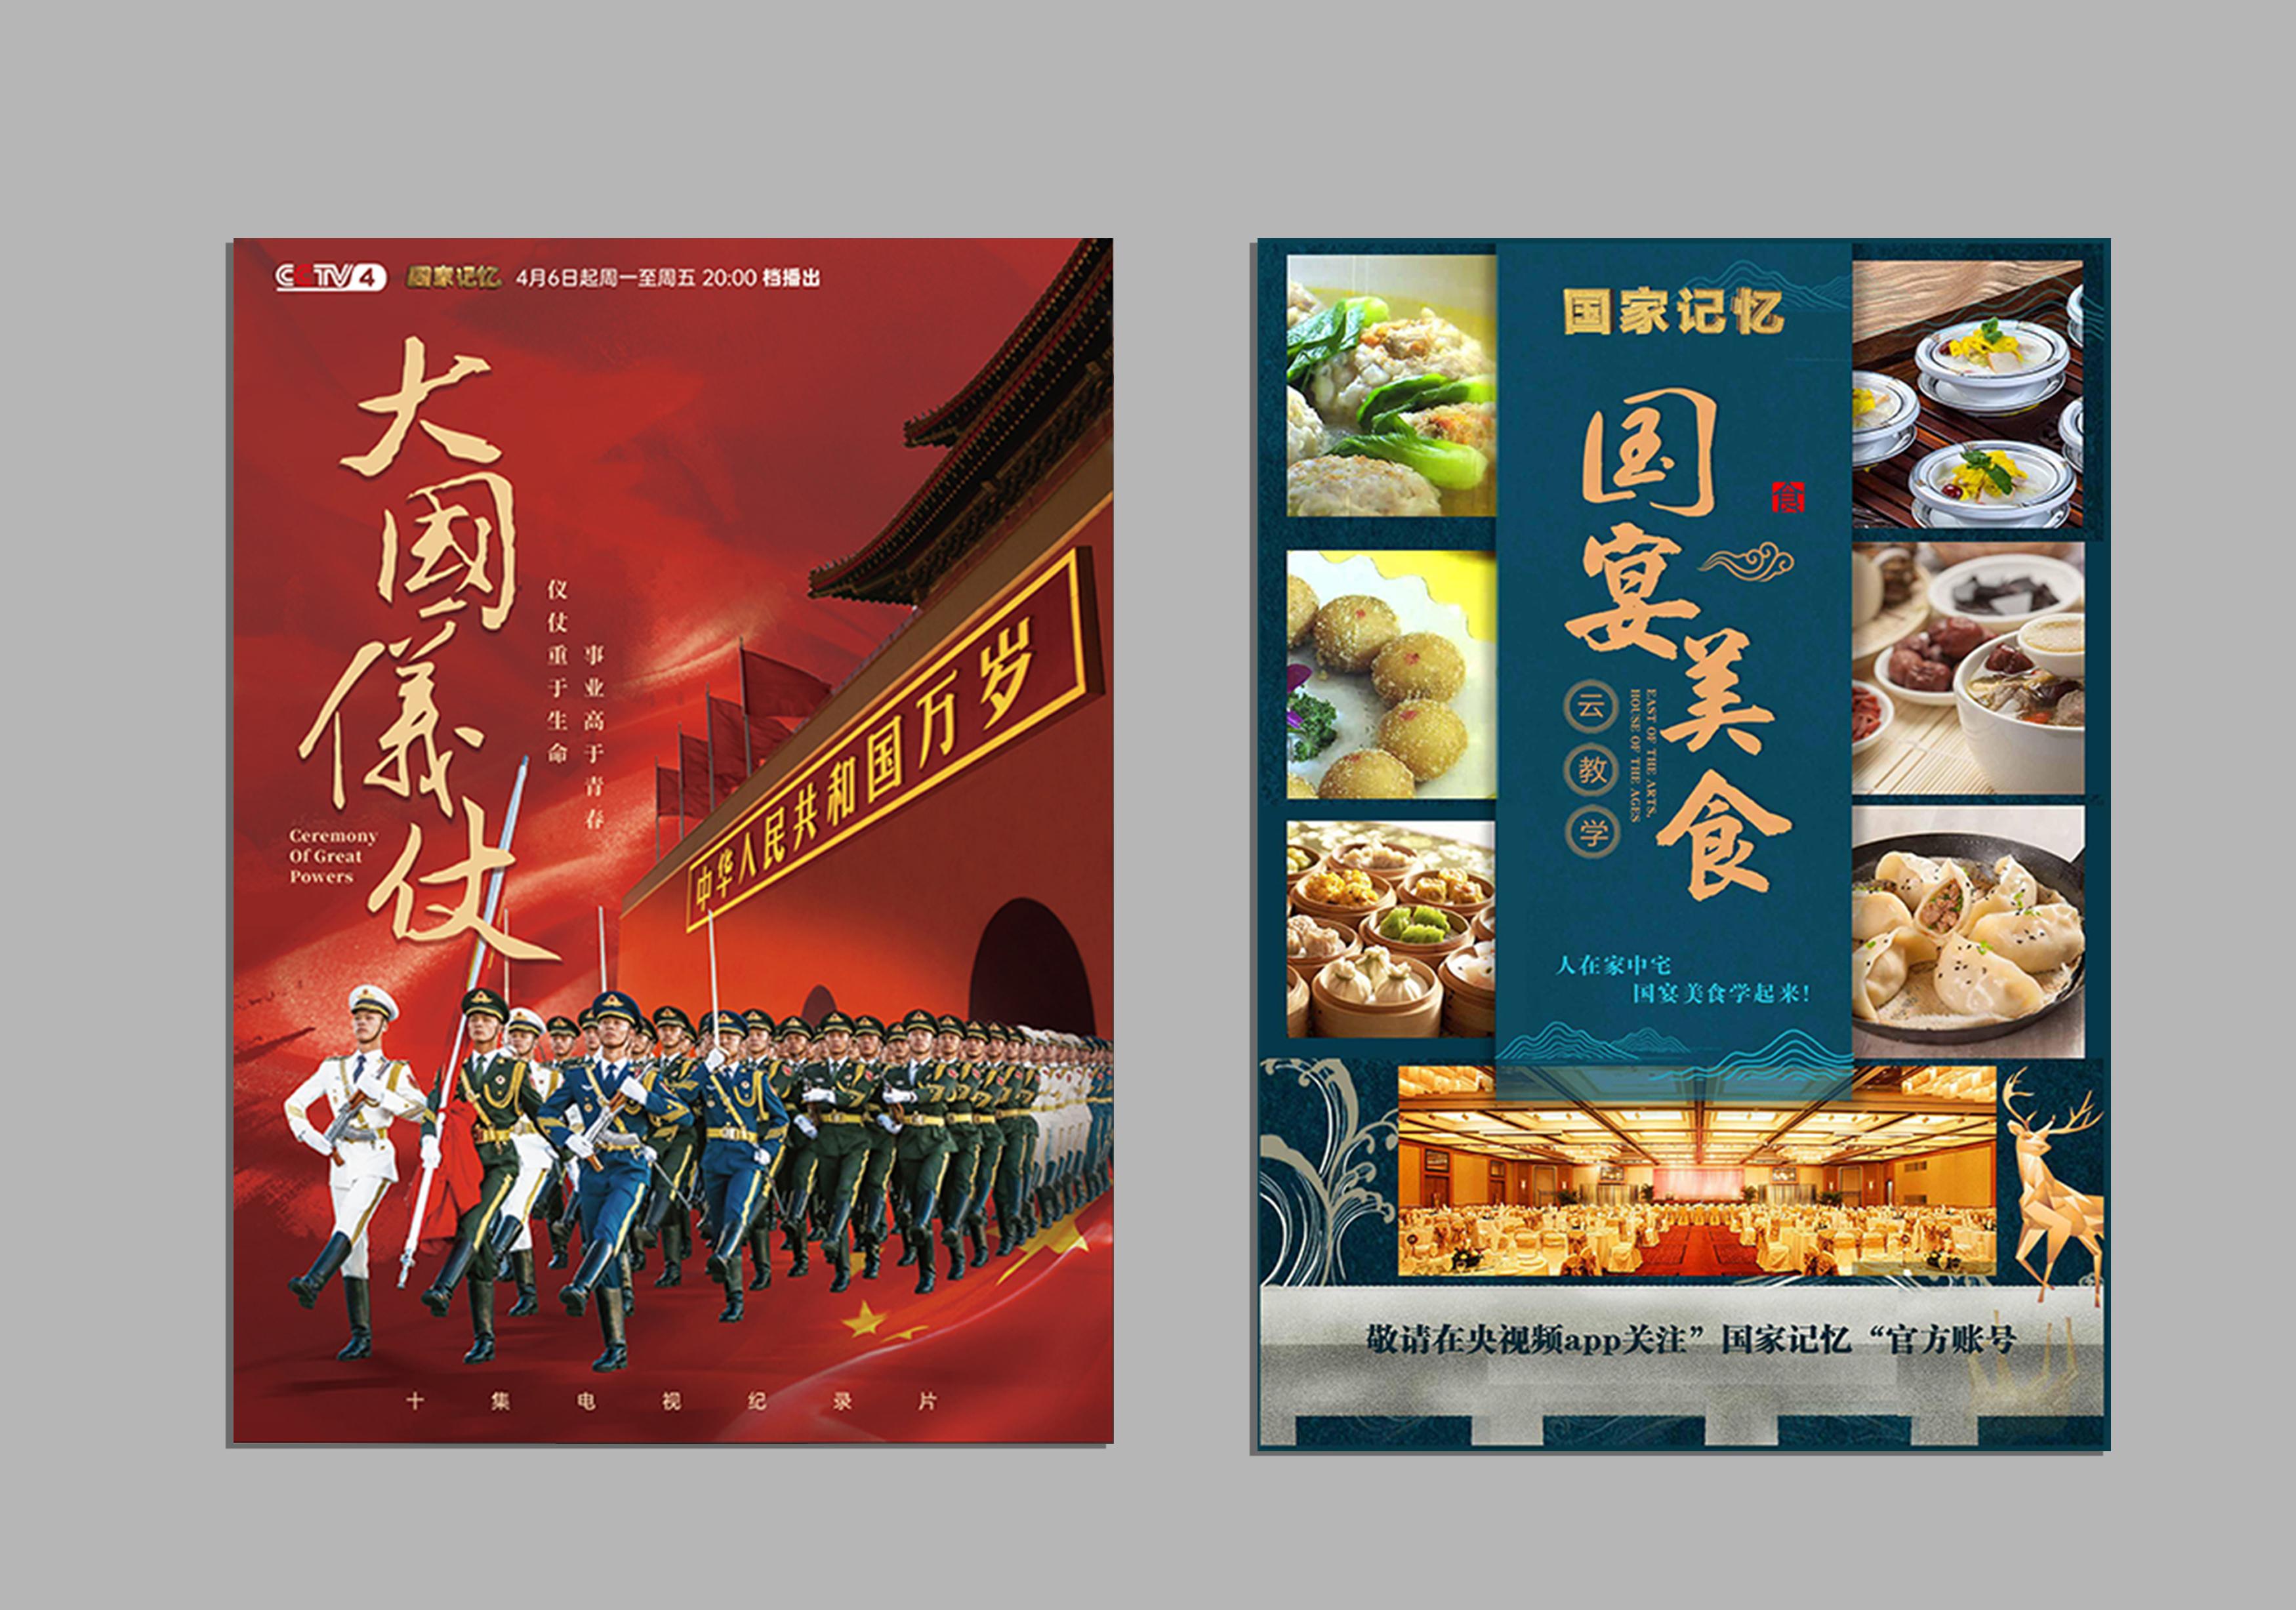 招商商务会议婚礼公交站台台产品推荐易拉宝海报宣传媒体广告设计